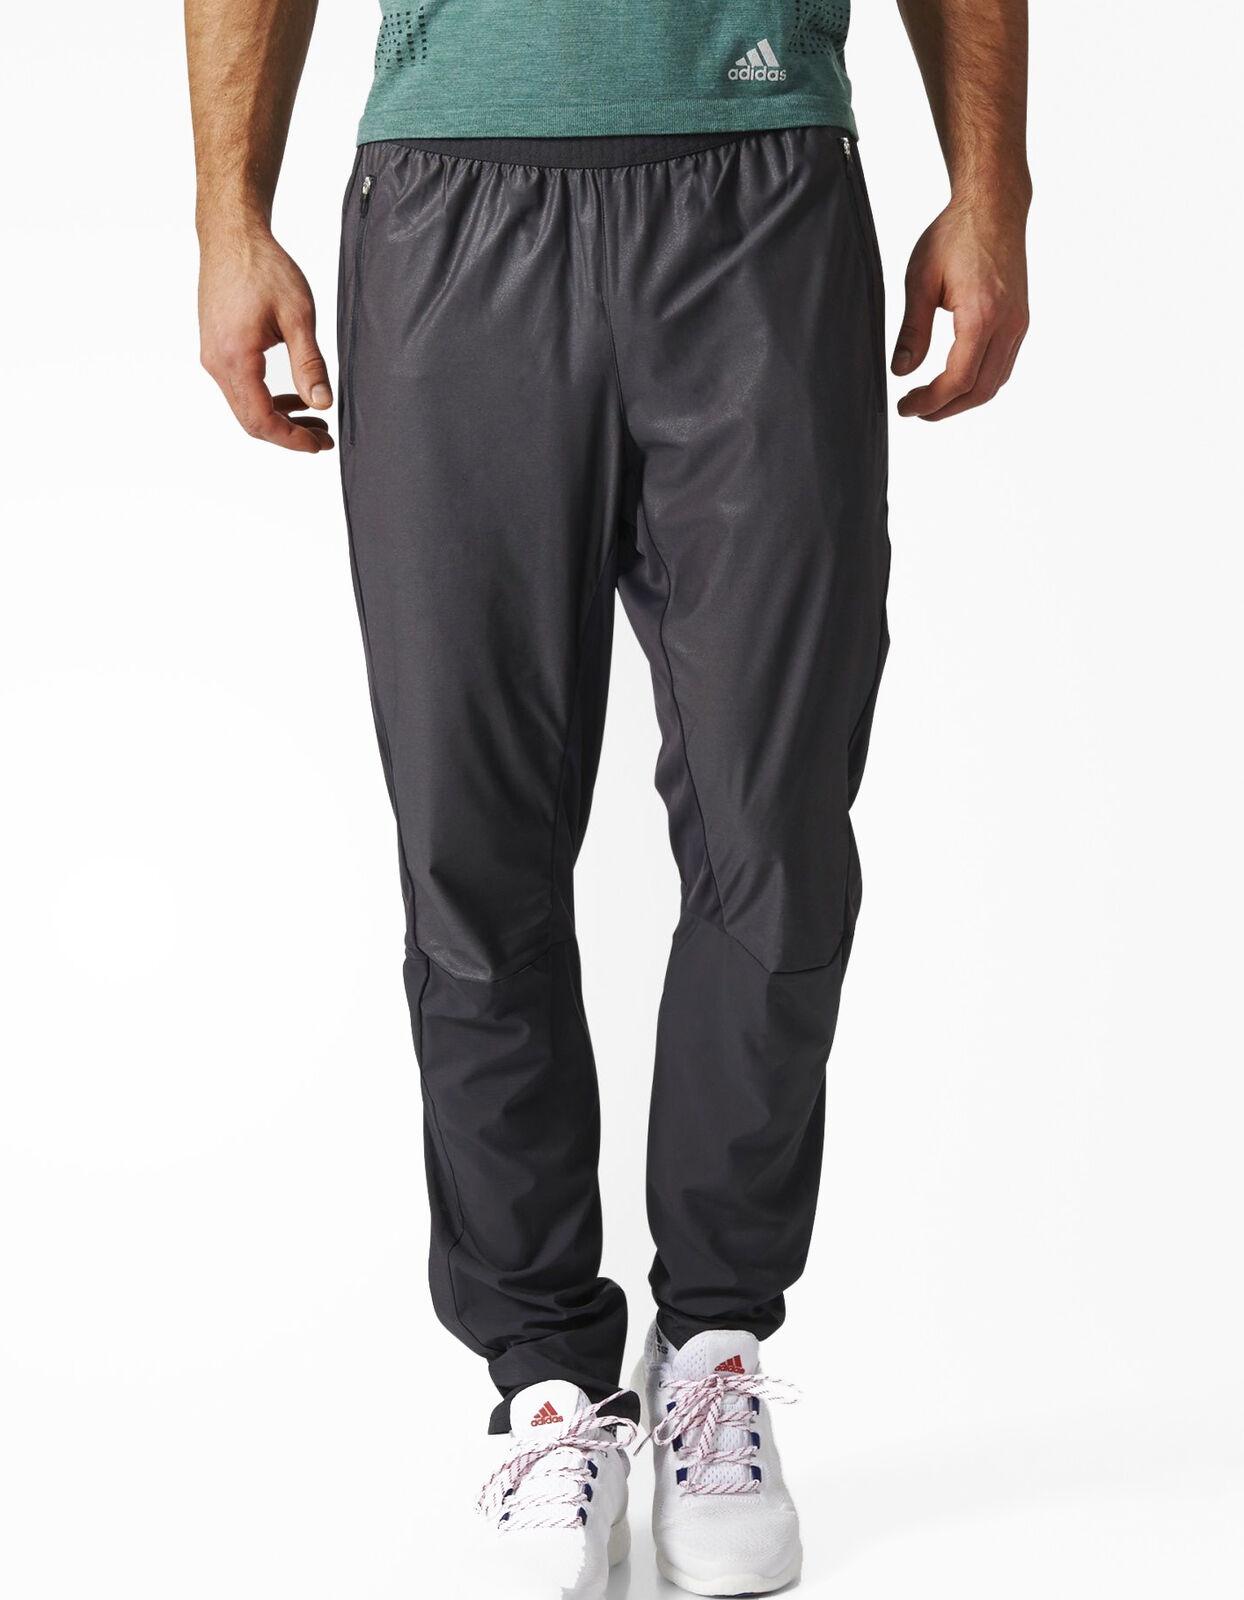 Adidas Adizero Para Hombre  Pantalones de pista-Negro  autorización